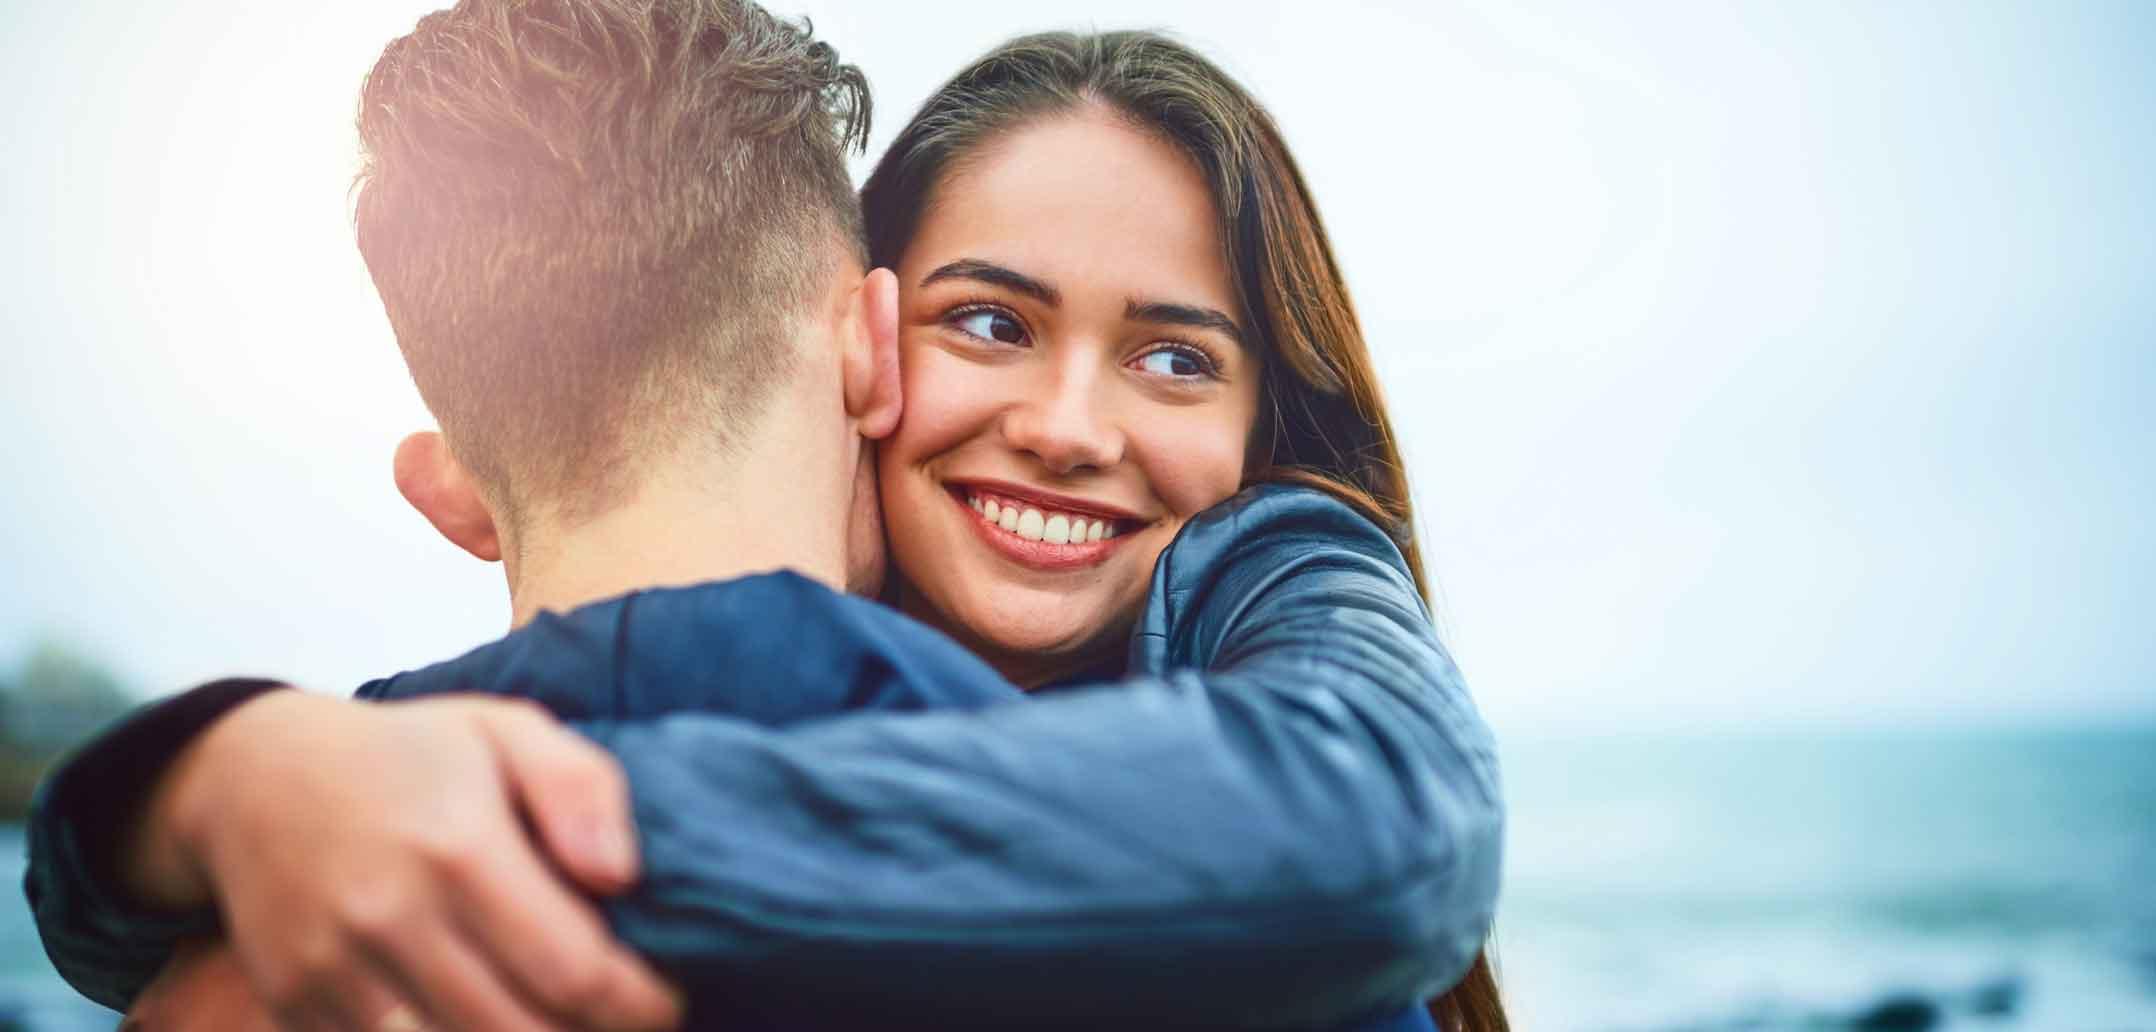 Сердцу не прикажешь: влюбилась в друга своего парня